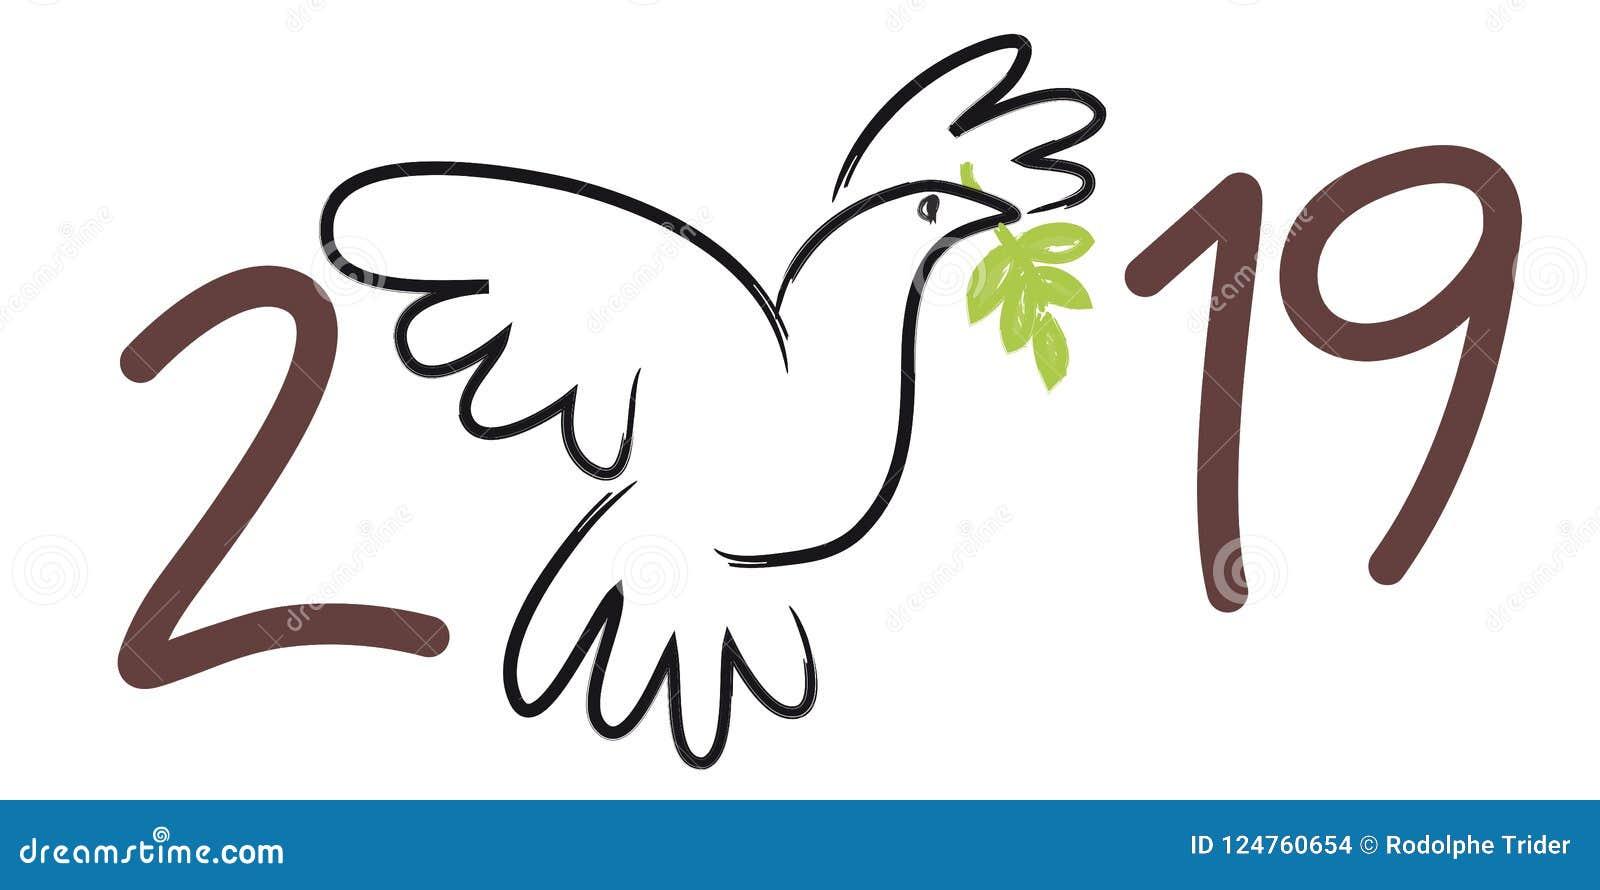 贺卡2019年象征的和平,与运载在它的额嘴的鸠的图画橄榄树枝